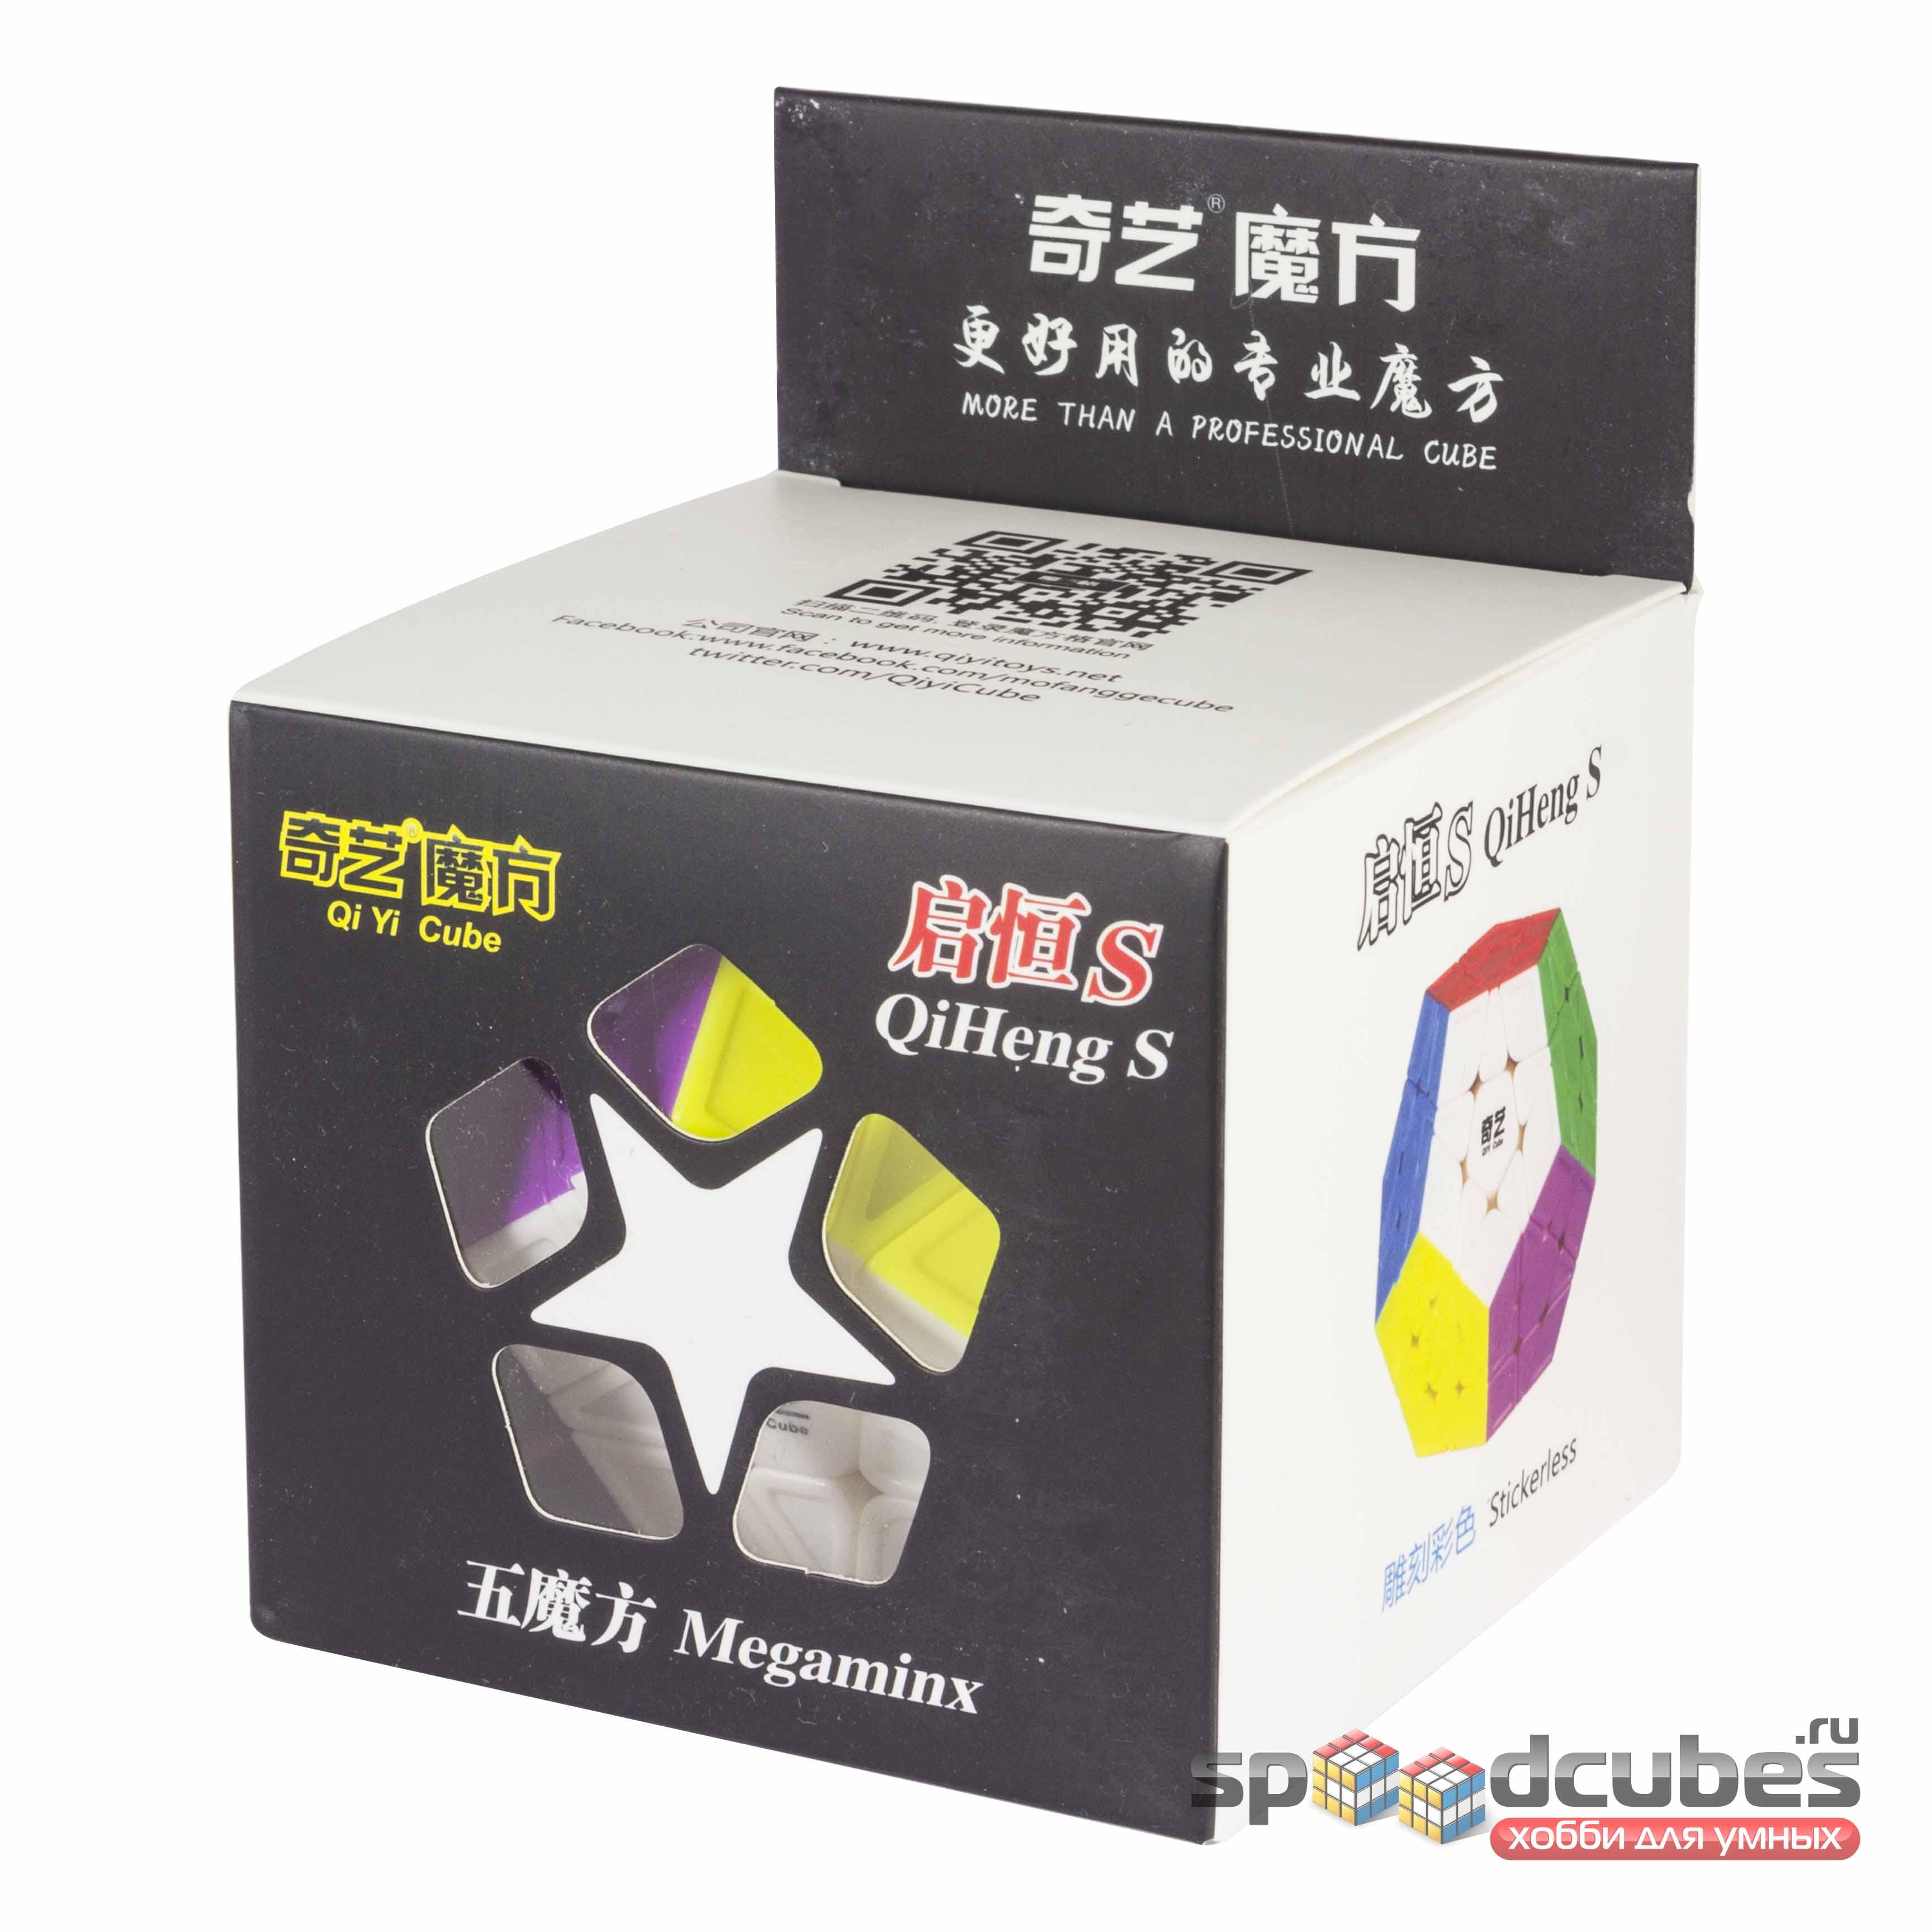 QiYi (MoFangGe) Qiheng S Megaminx (цв) 3